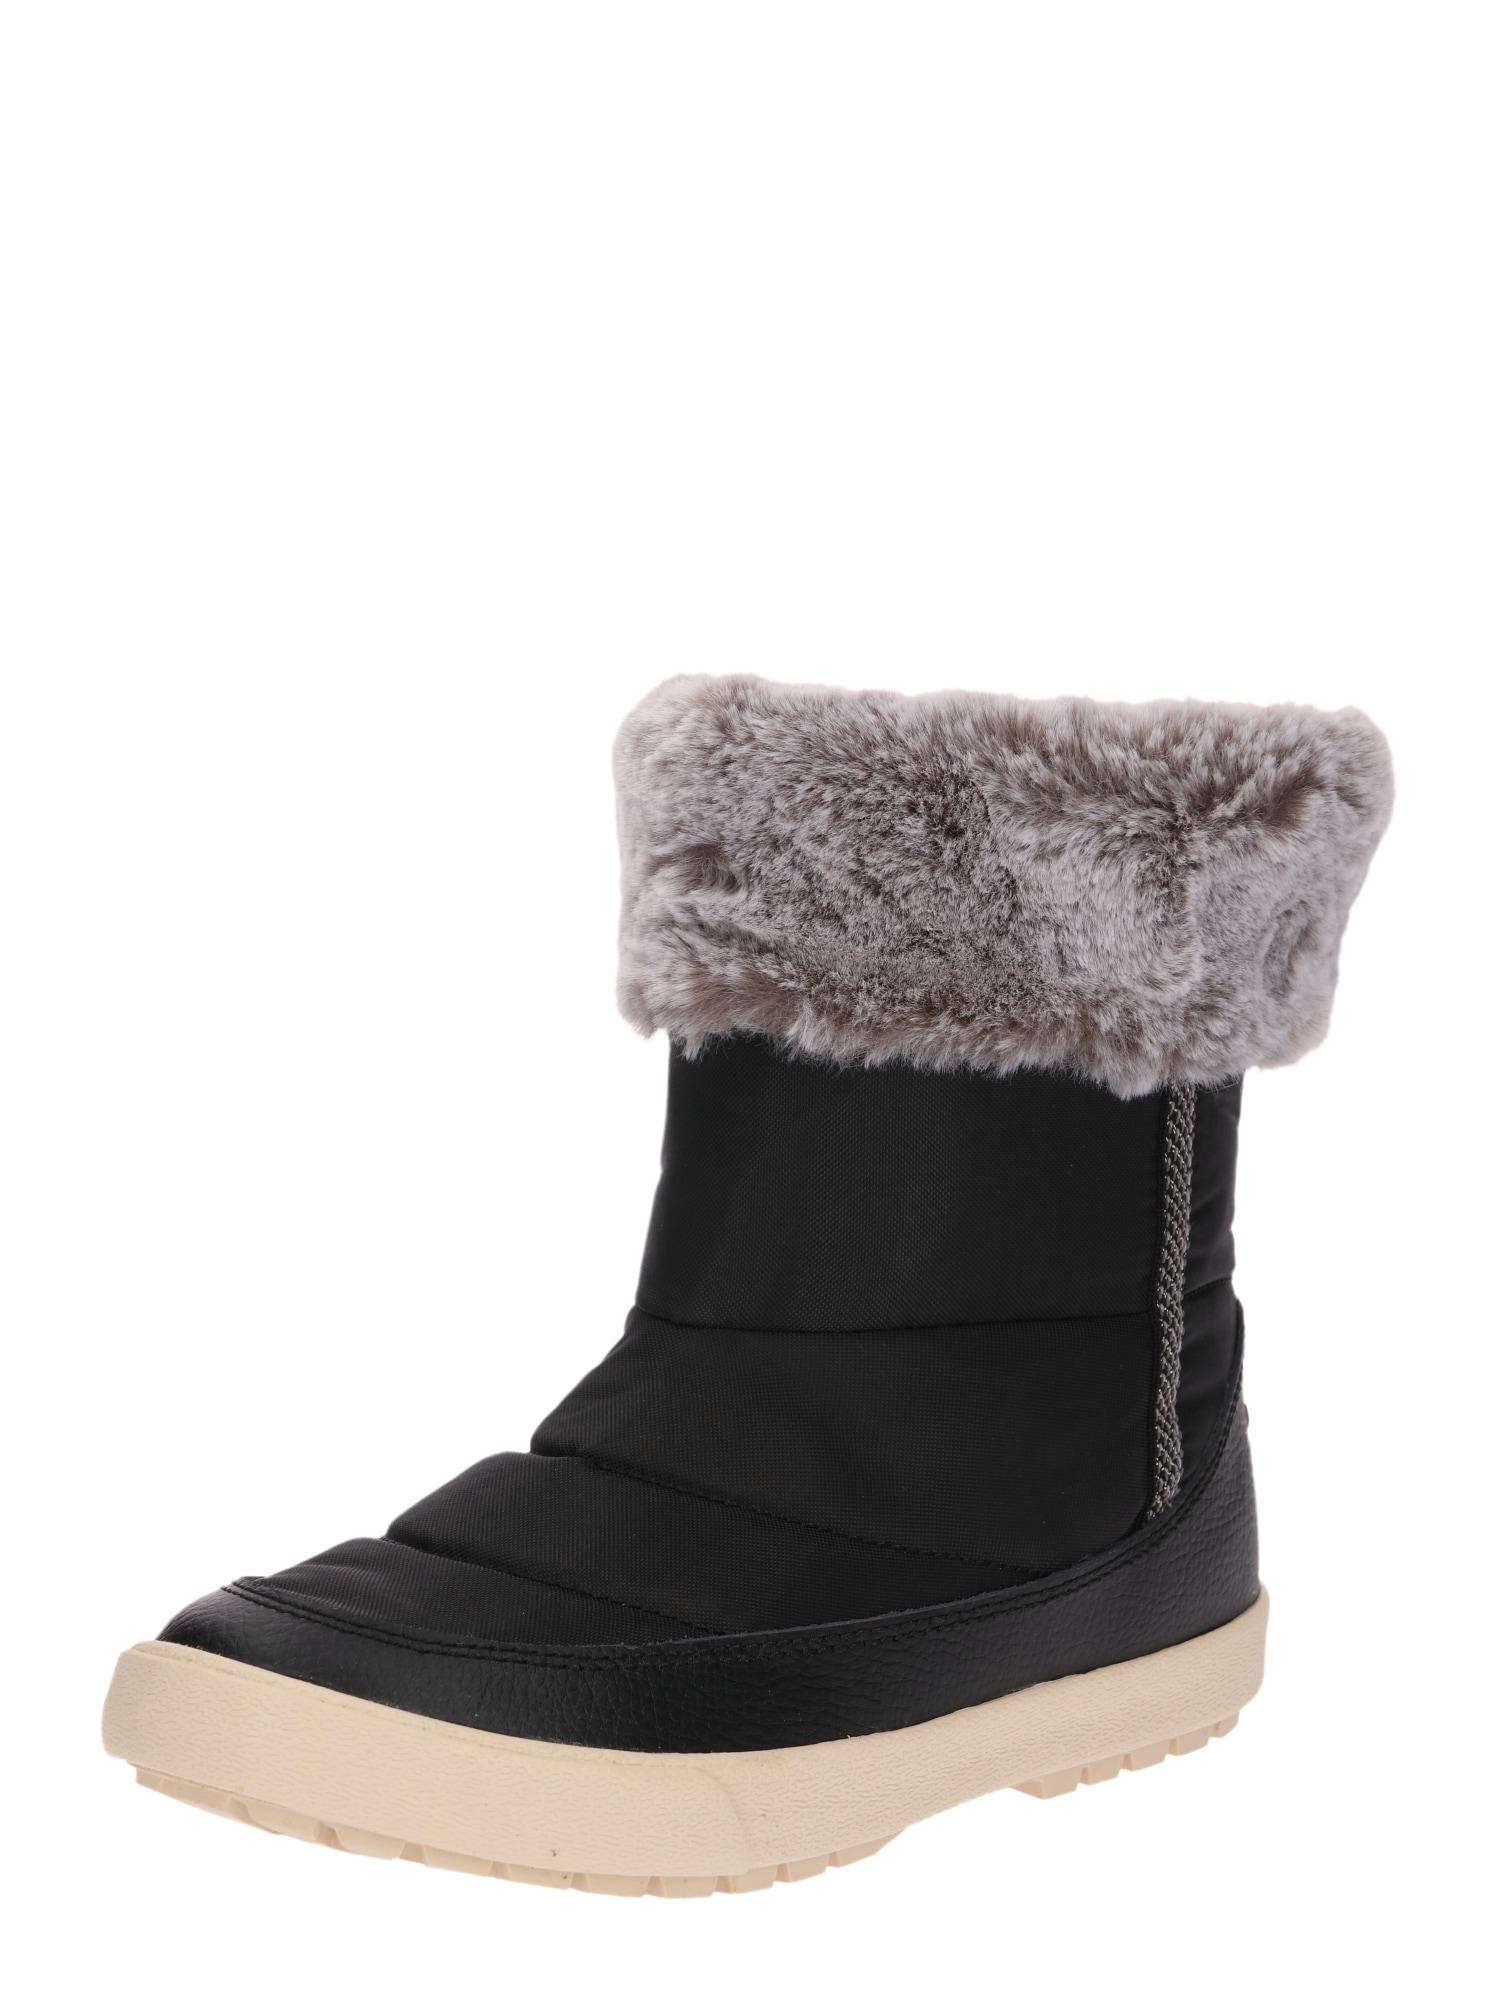 ROXY, Dames Snowboots 'JUNEAU', grijs / zwart